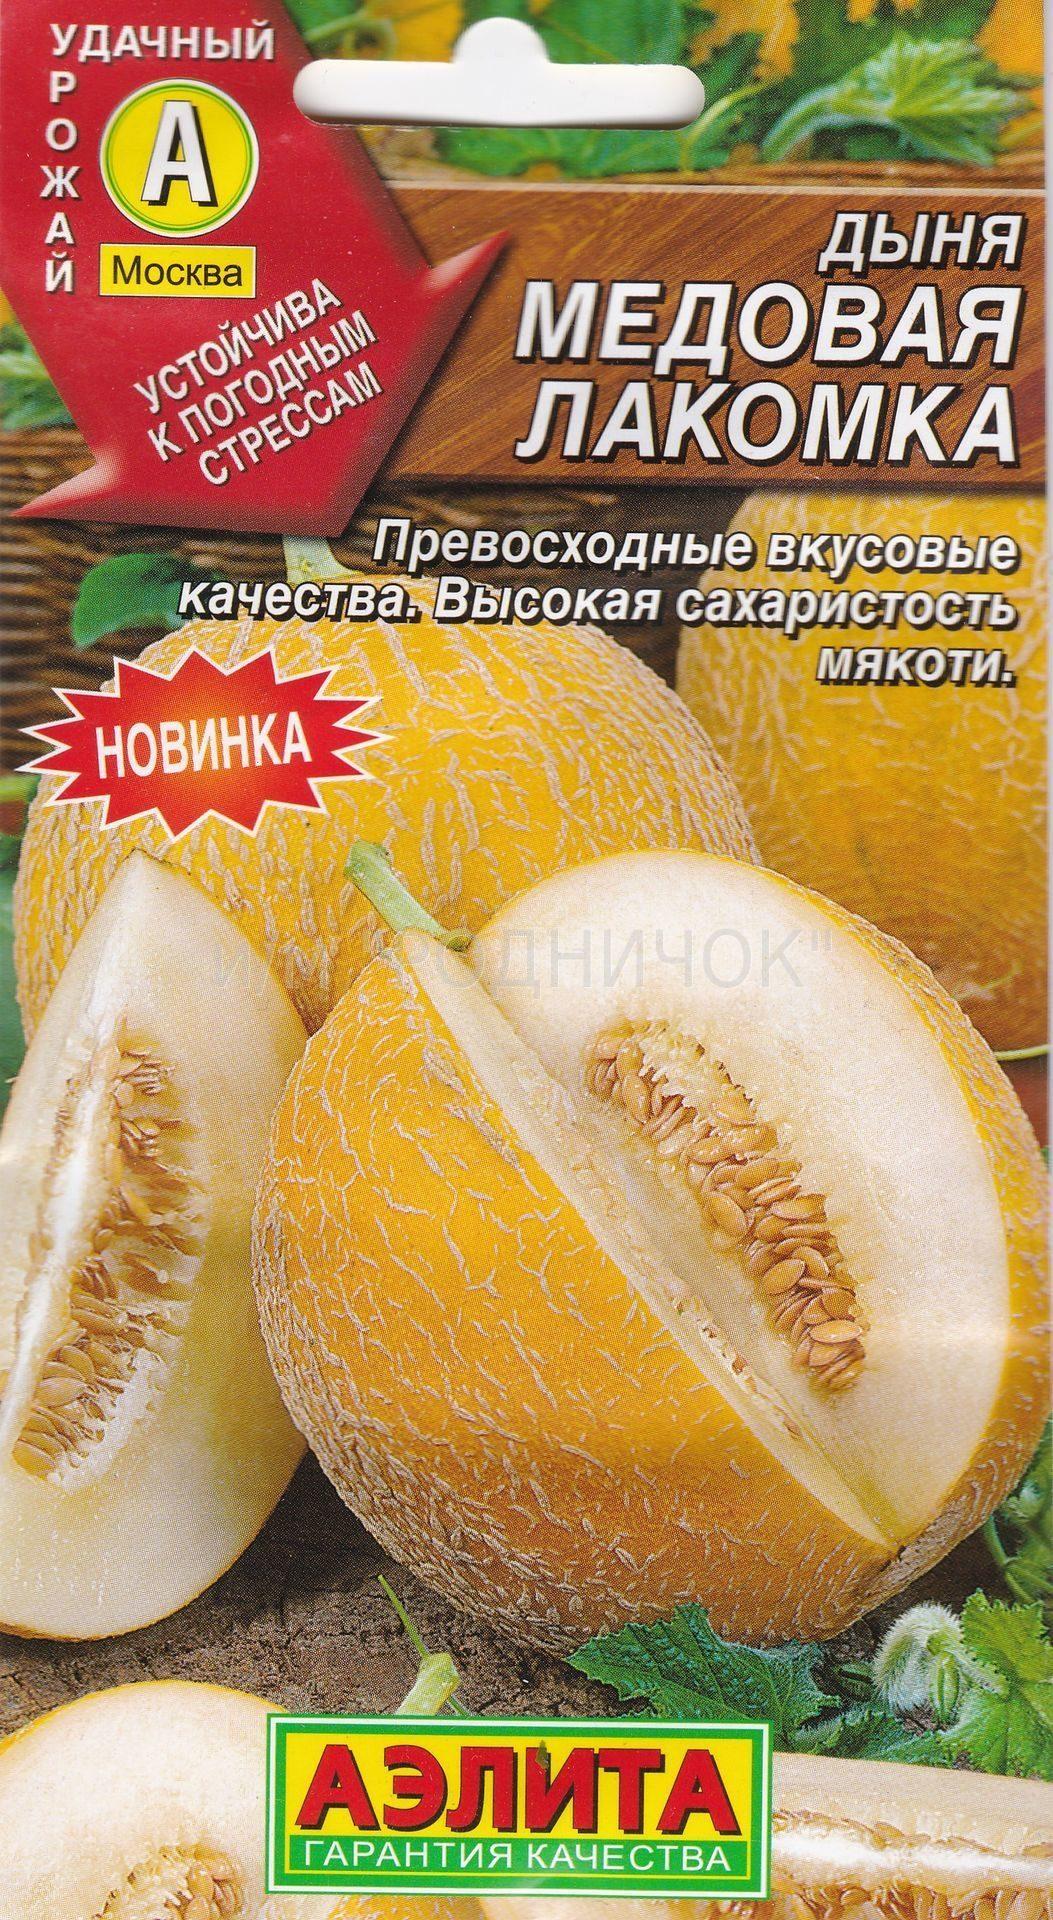 Сорта дыни с описанием, характеристикой и отзывами, а также какие выбрать для выращивания в средней полосы россии, сибири, подмосковье и в других регионах